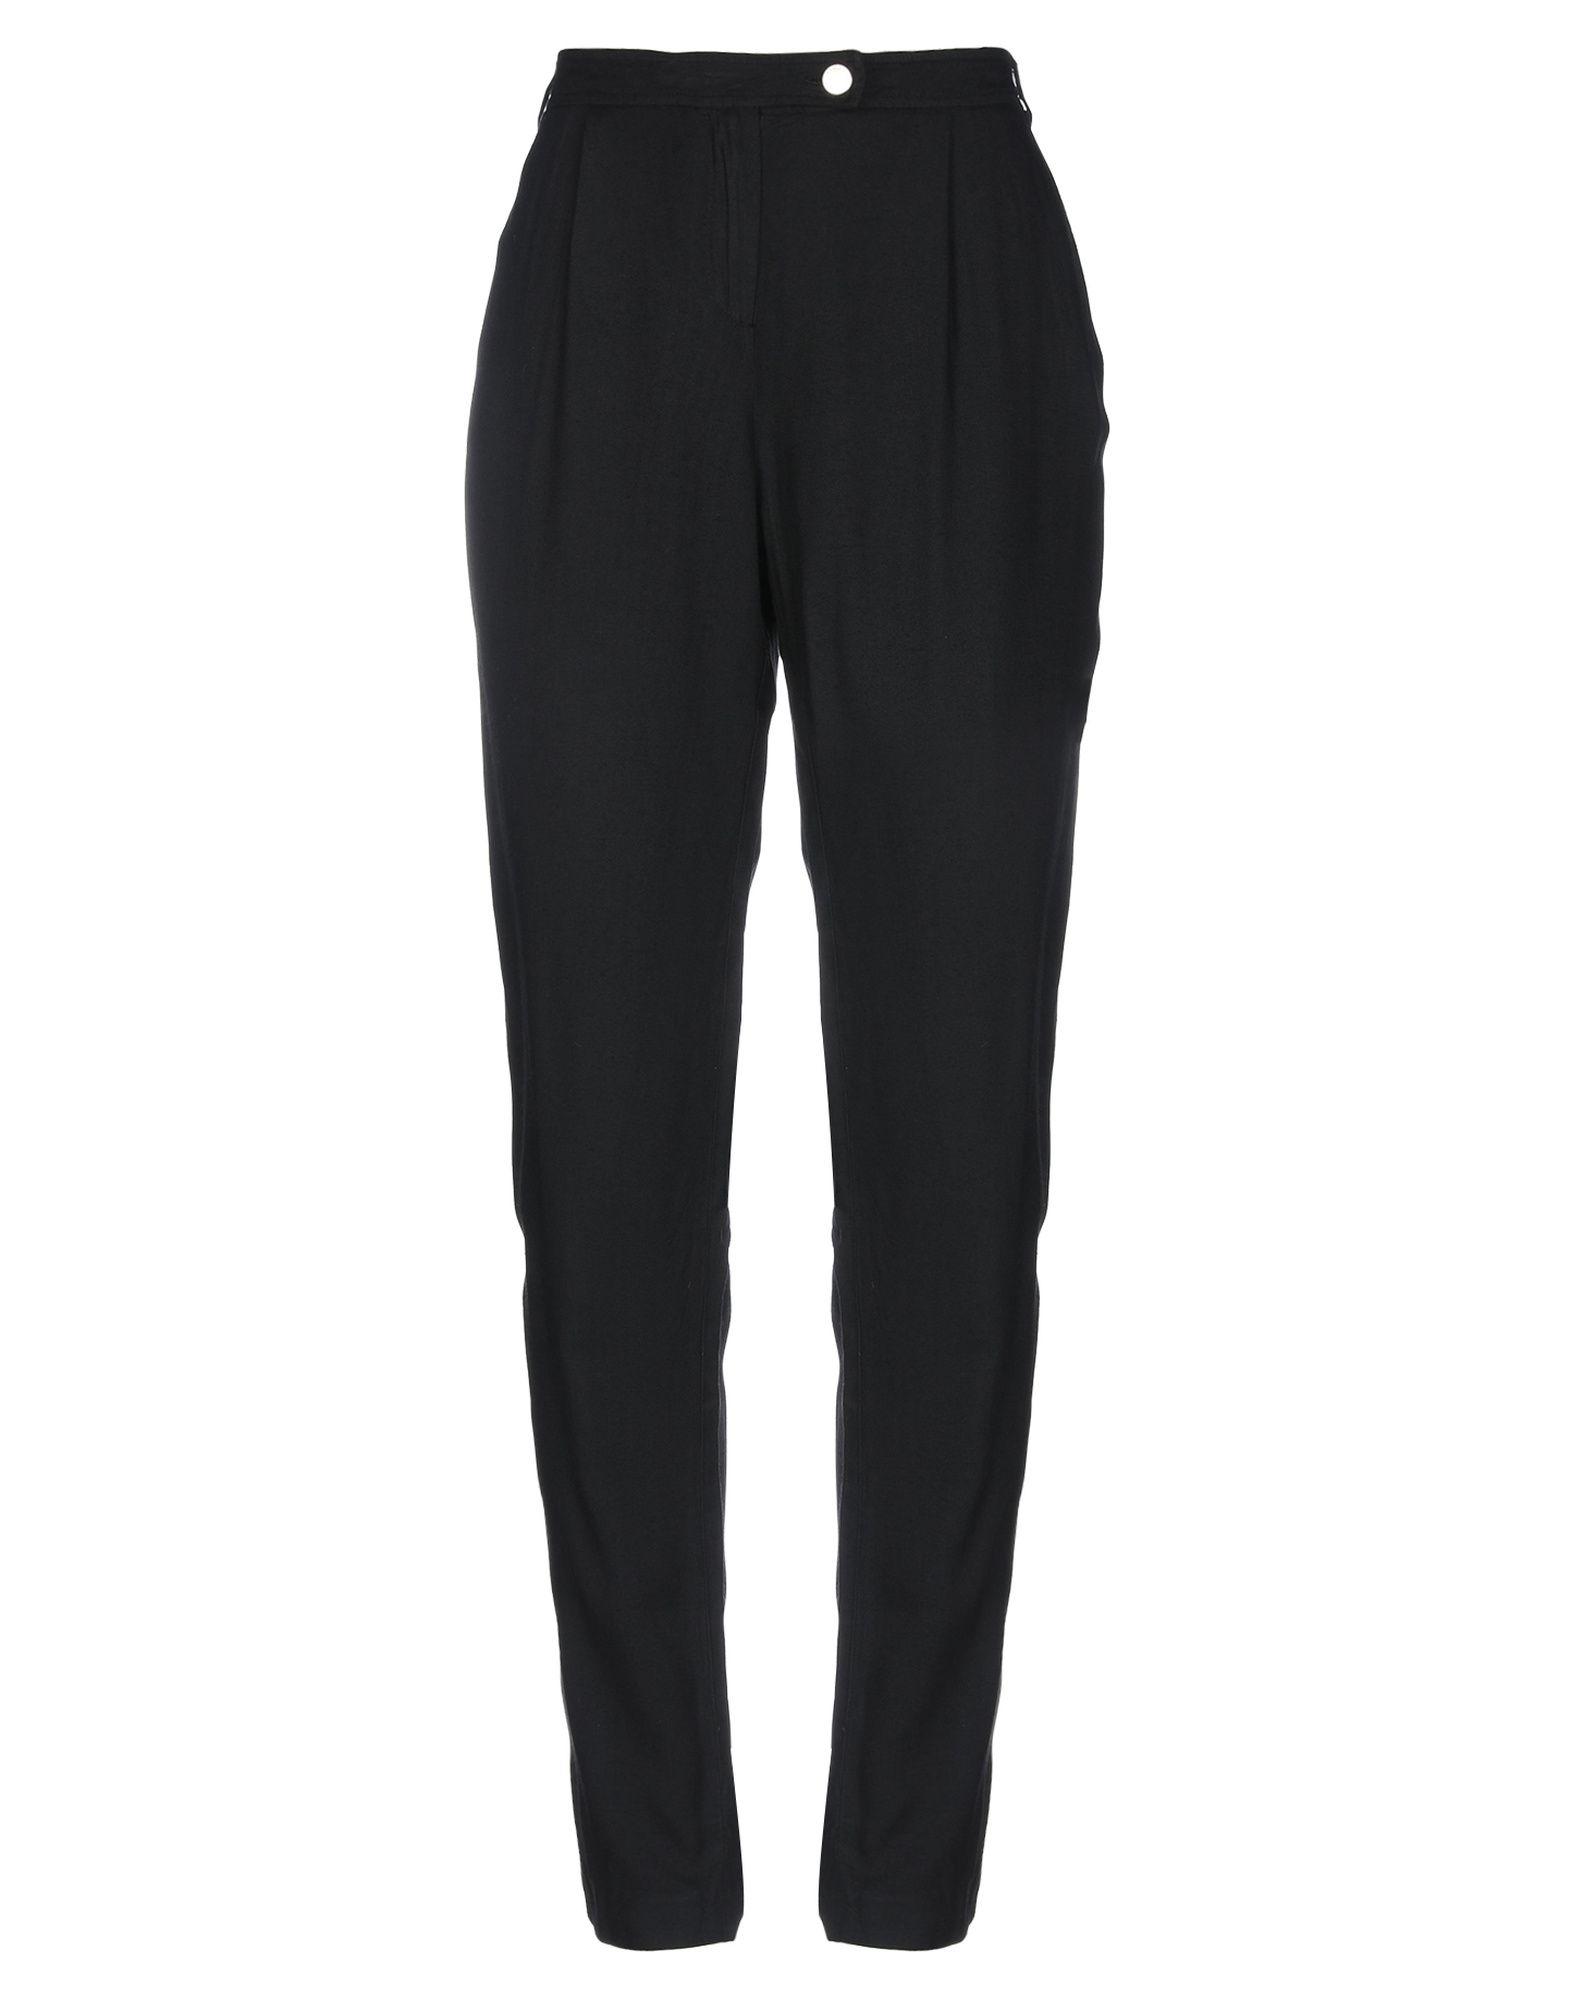 цены на ANNA RACHELE JEANS COLLECTION Повседневные брюки  в интернет-магазинах